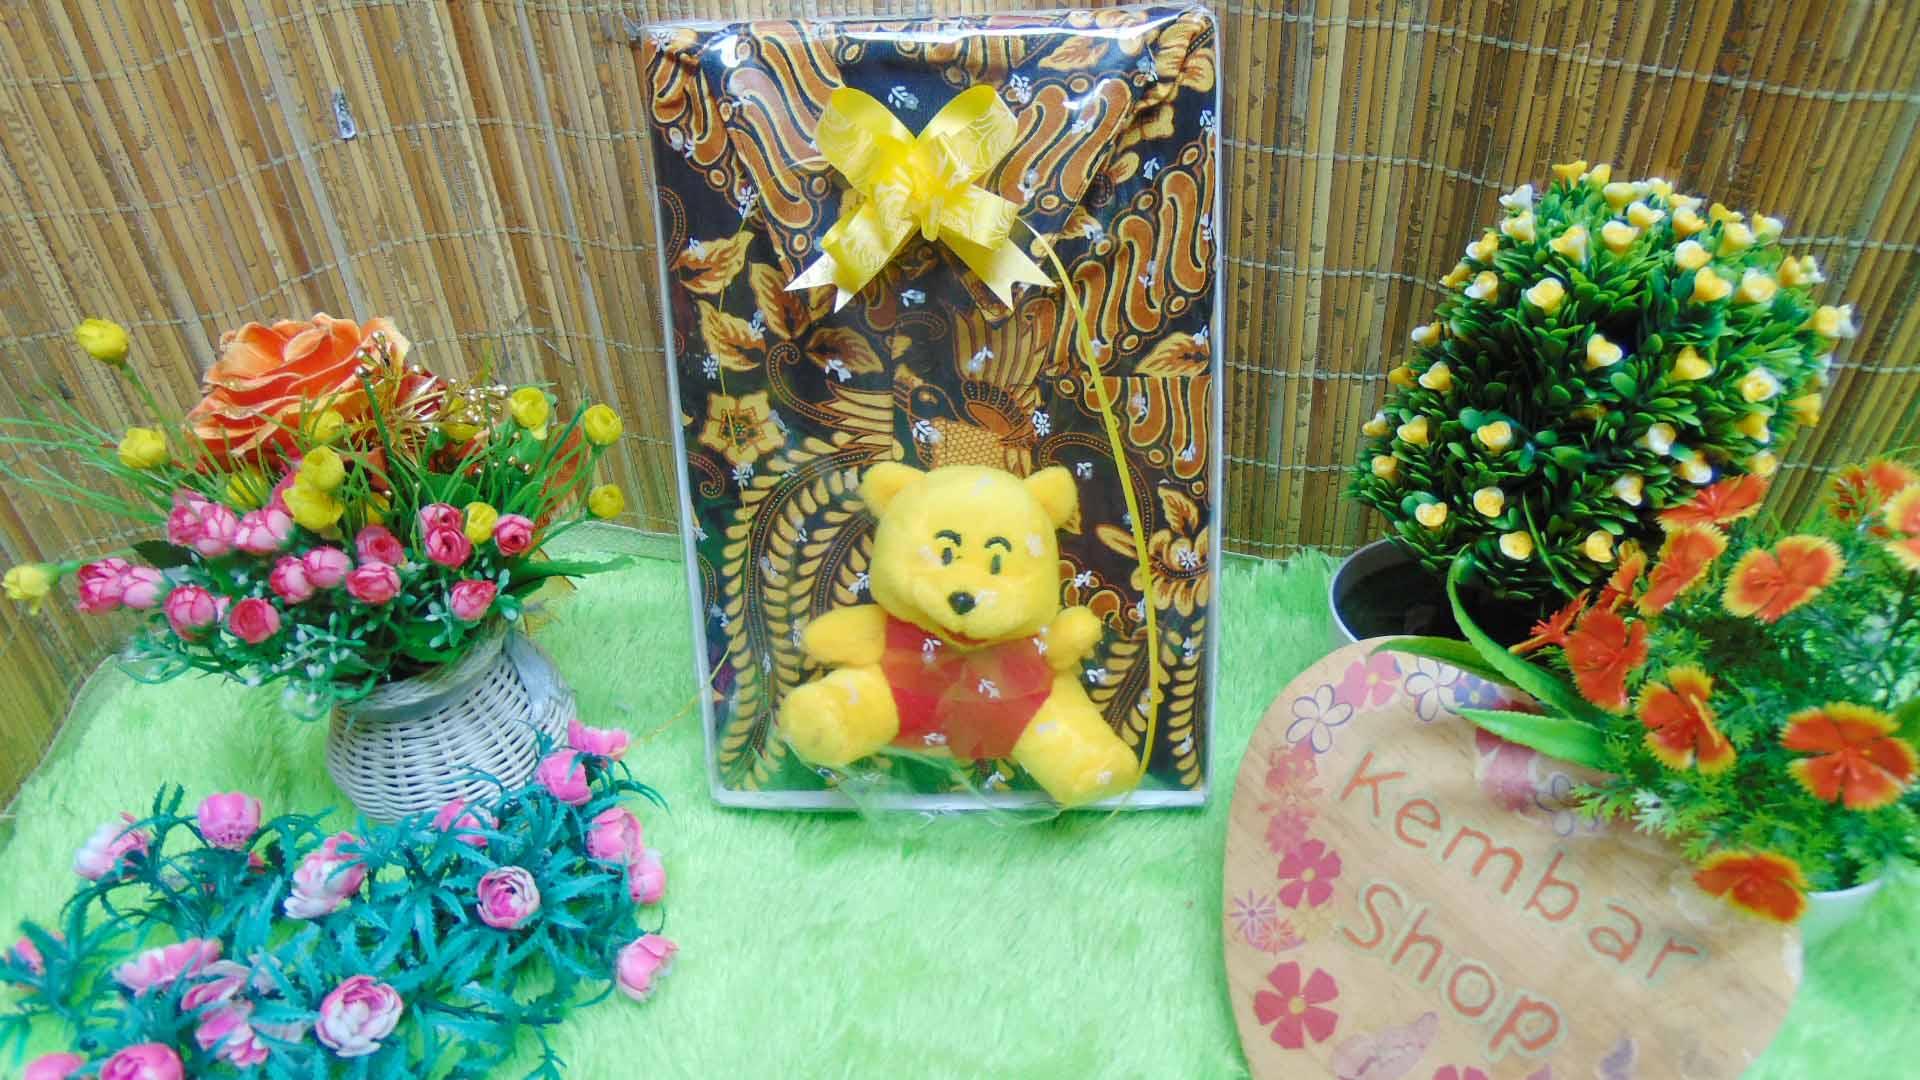 paket kado ulang tahun bayi laki-laki 0-2th kemeja batik plus boneka motif random (1)